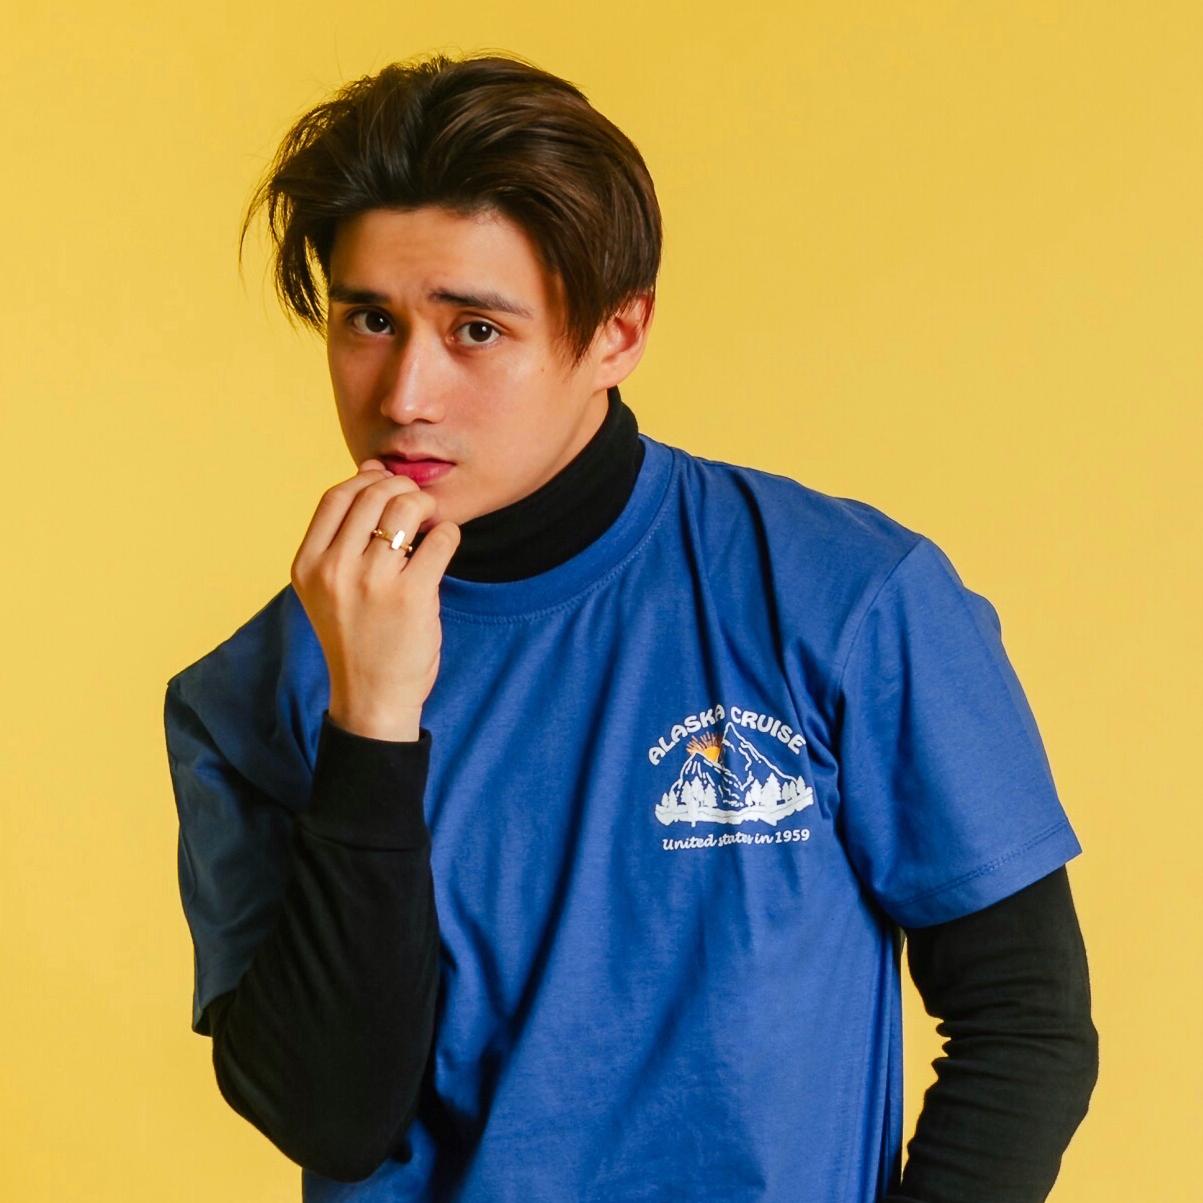 Image of Matthew Ong